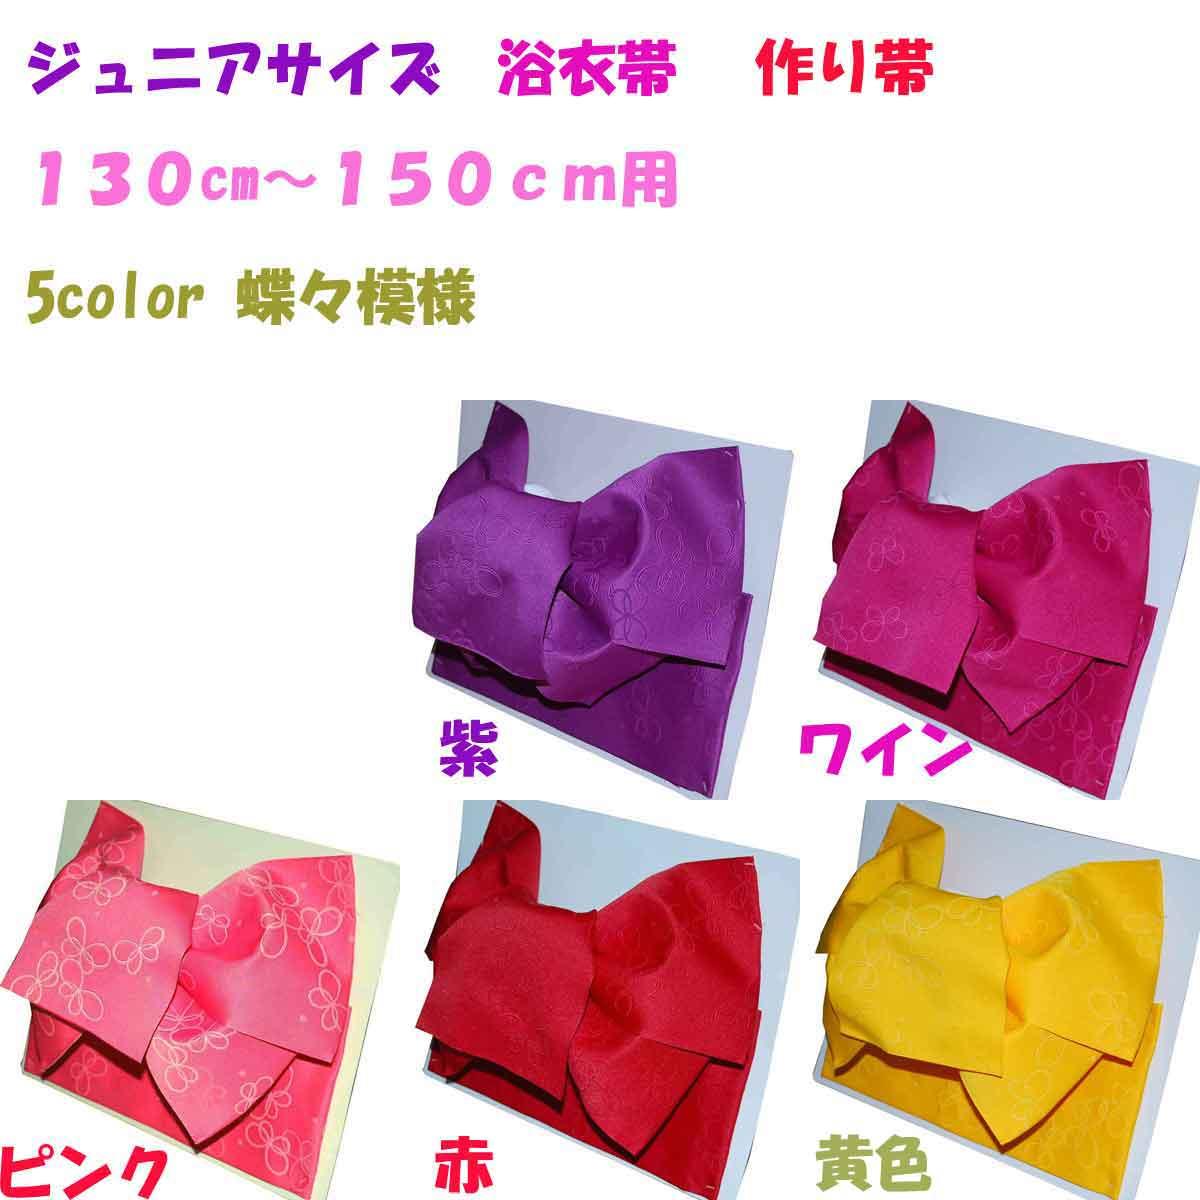 お気に入り 小学生用の簡単着付けが出来る浴衣帯です 日本製 ジュニアサイズ 保障 浴衣 変わり結び 蝶蝶 浴衣帯 結び帯 作り帯